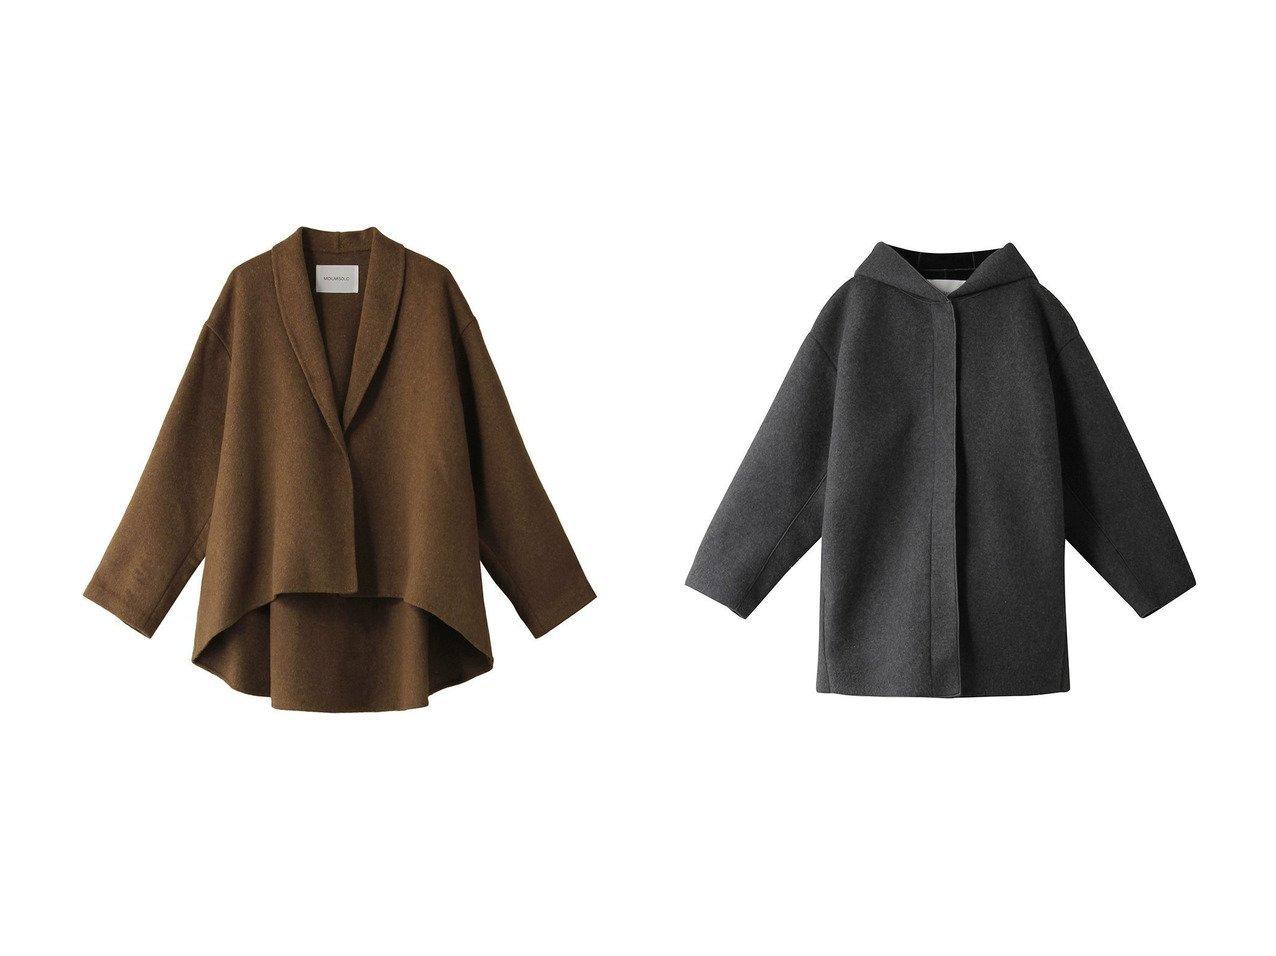 【MIDIUMISOLID/ミディウミソリッド】のbonding hooded short coat&コート アウターのおすすめ!人気、トレンド・レディースファッションの通販 おすすめで人気の流行・トレンド、ファッションの通販商品 メンズファッション・キッズファッション・インテリア・家具・レディースファッション・服の通販 founy(ファニー) https://founy.com/ ファッション Fashion レディースファッション WOMEN アウター Coat Outerwear コート Coats コンパクト ショート シンプル トレンド ベーシック ダブル ドレープ フェイス  ID:crp329100000013713